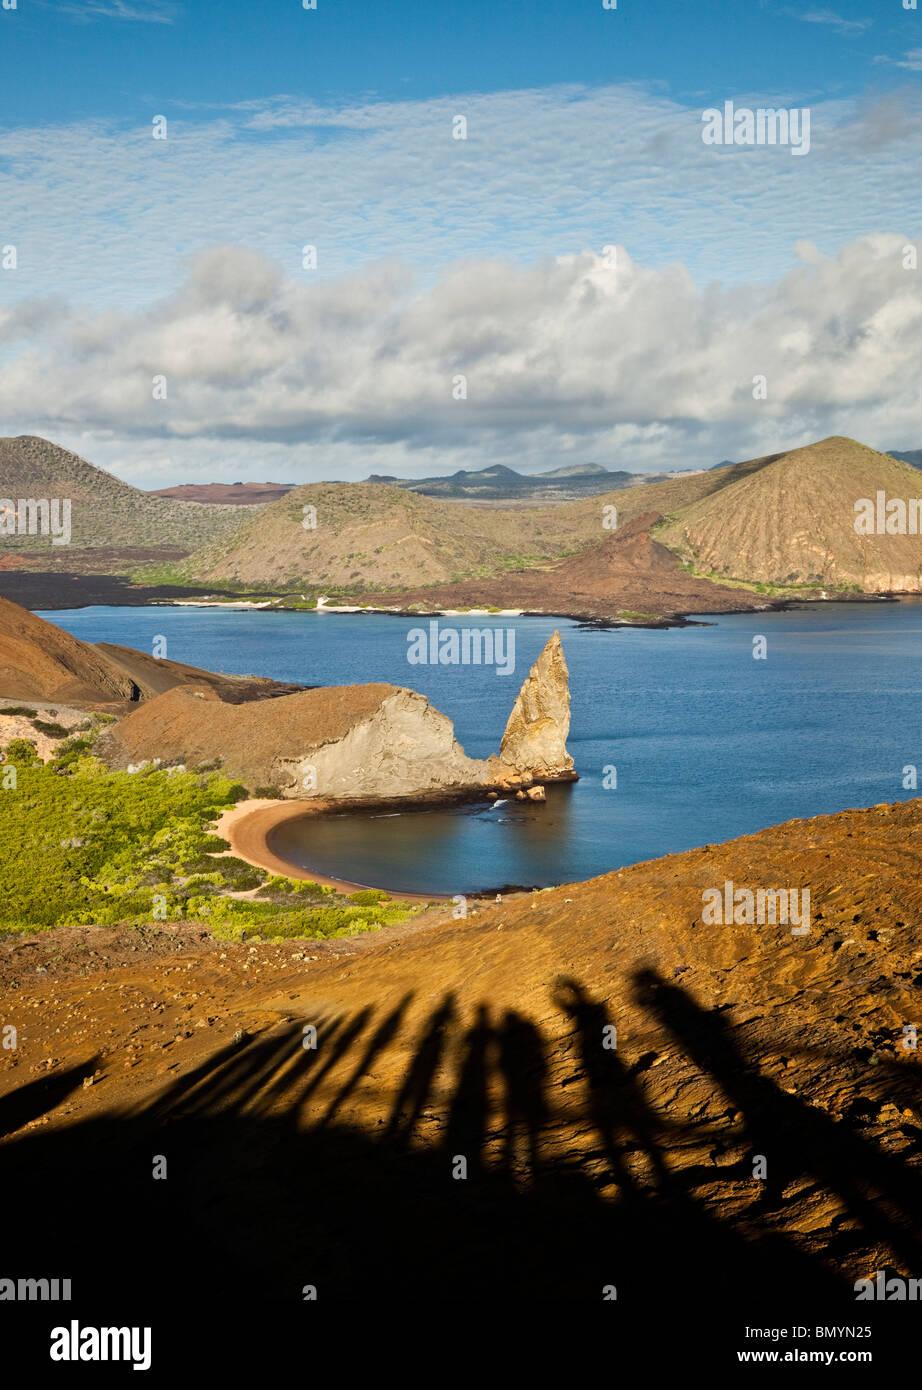 Ombre de touristes affichage bartolome island avec San Salvador dans la distance dans les îles Galapagos Photo Stock